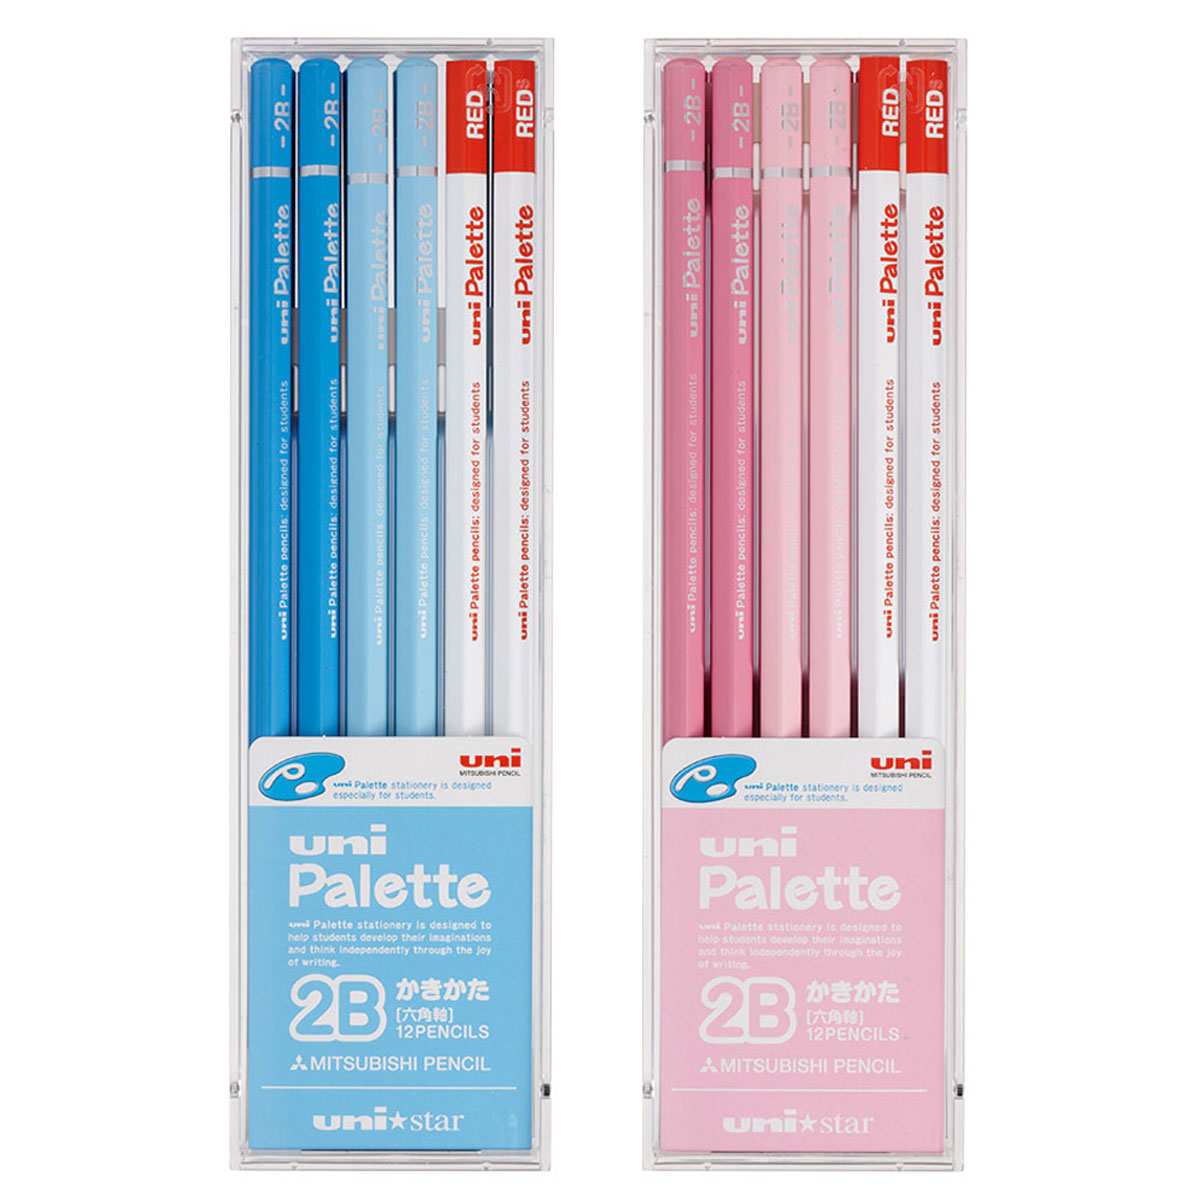 三菱鉛筆 パレット ユニスター 赤鉛筆入り 2B B